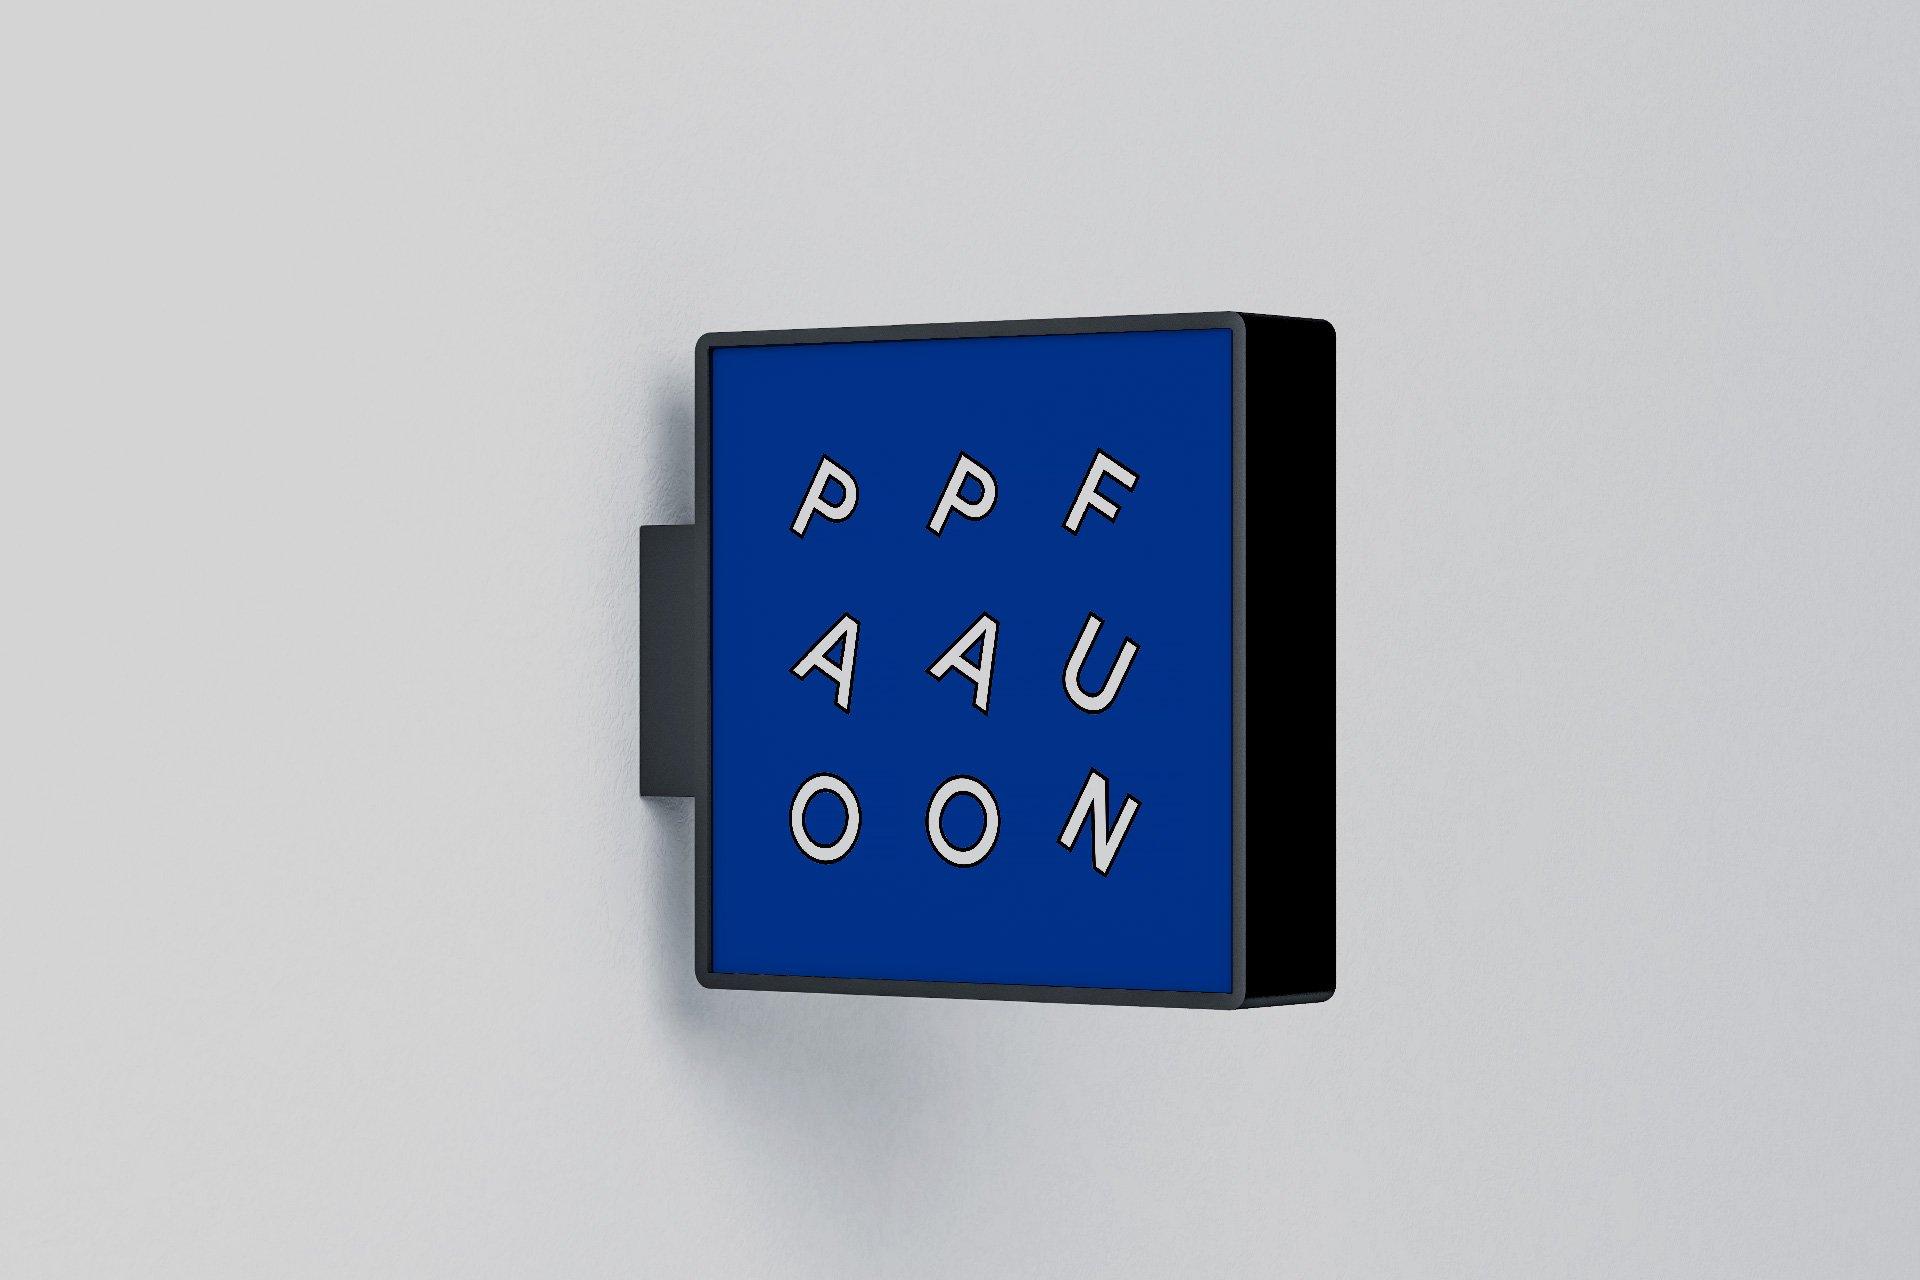 PAOPAO Fun 品牌設計 2